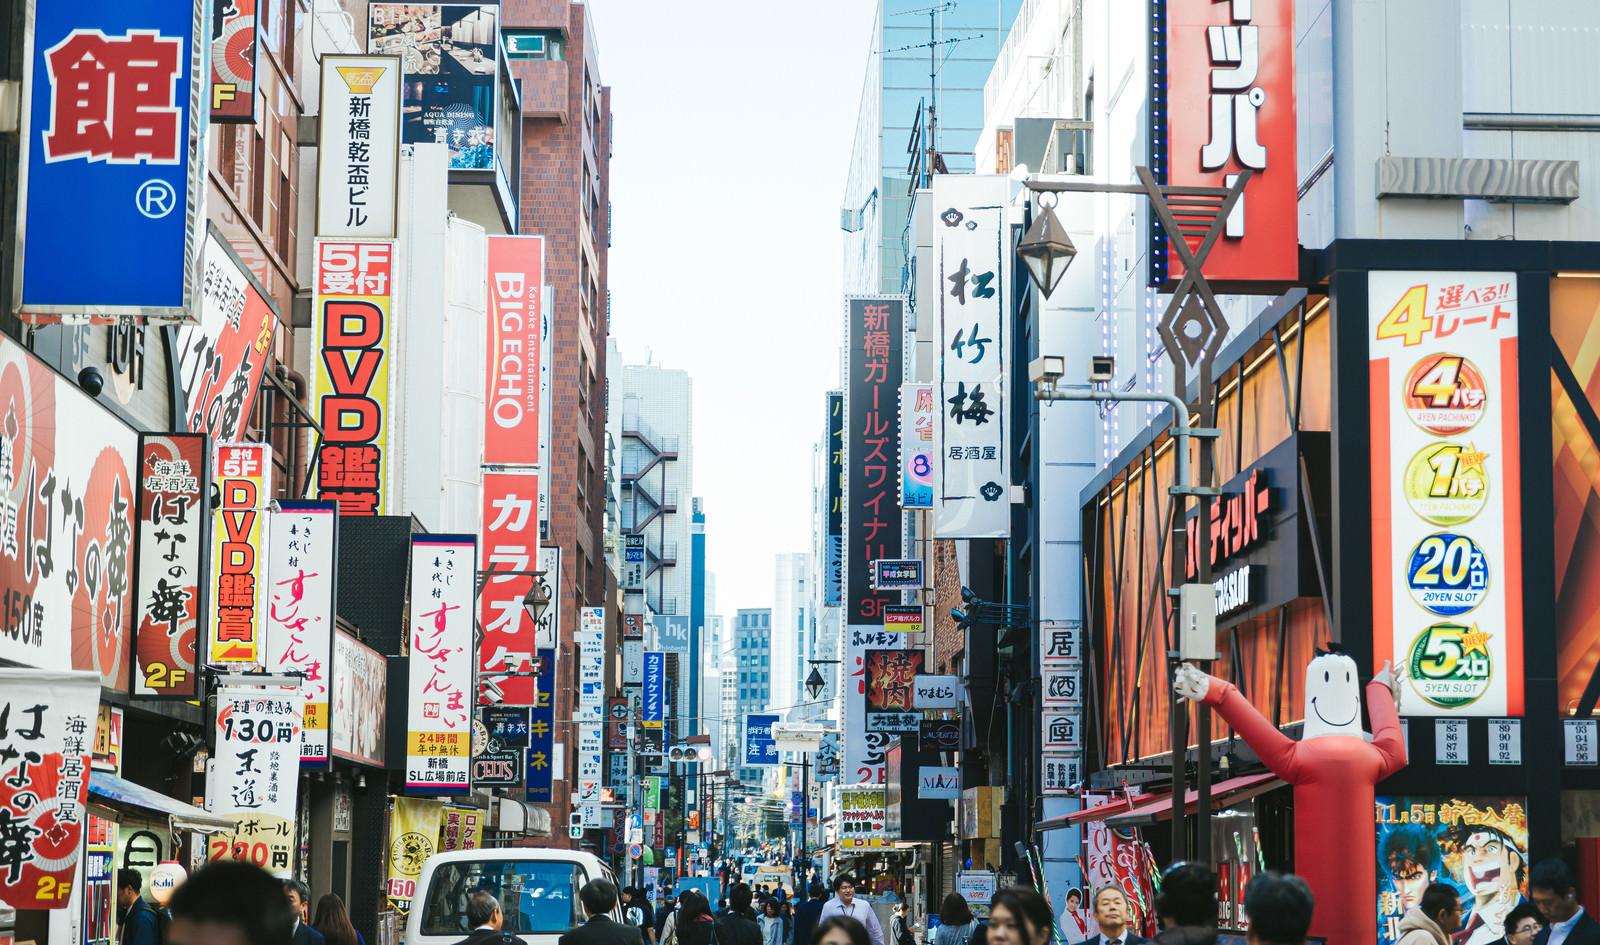 「新橋の人通りが多い繁華街」の写真